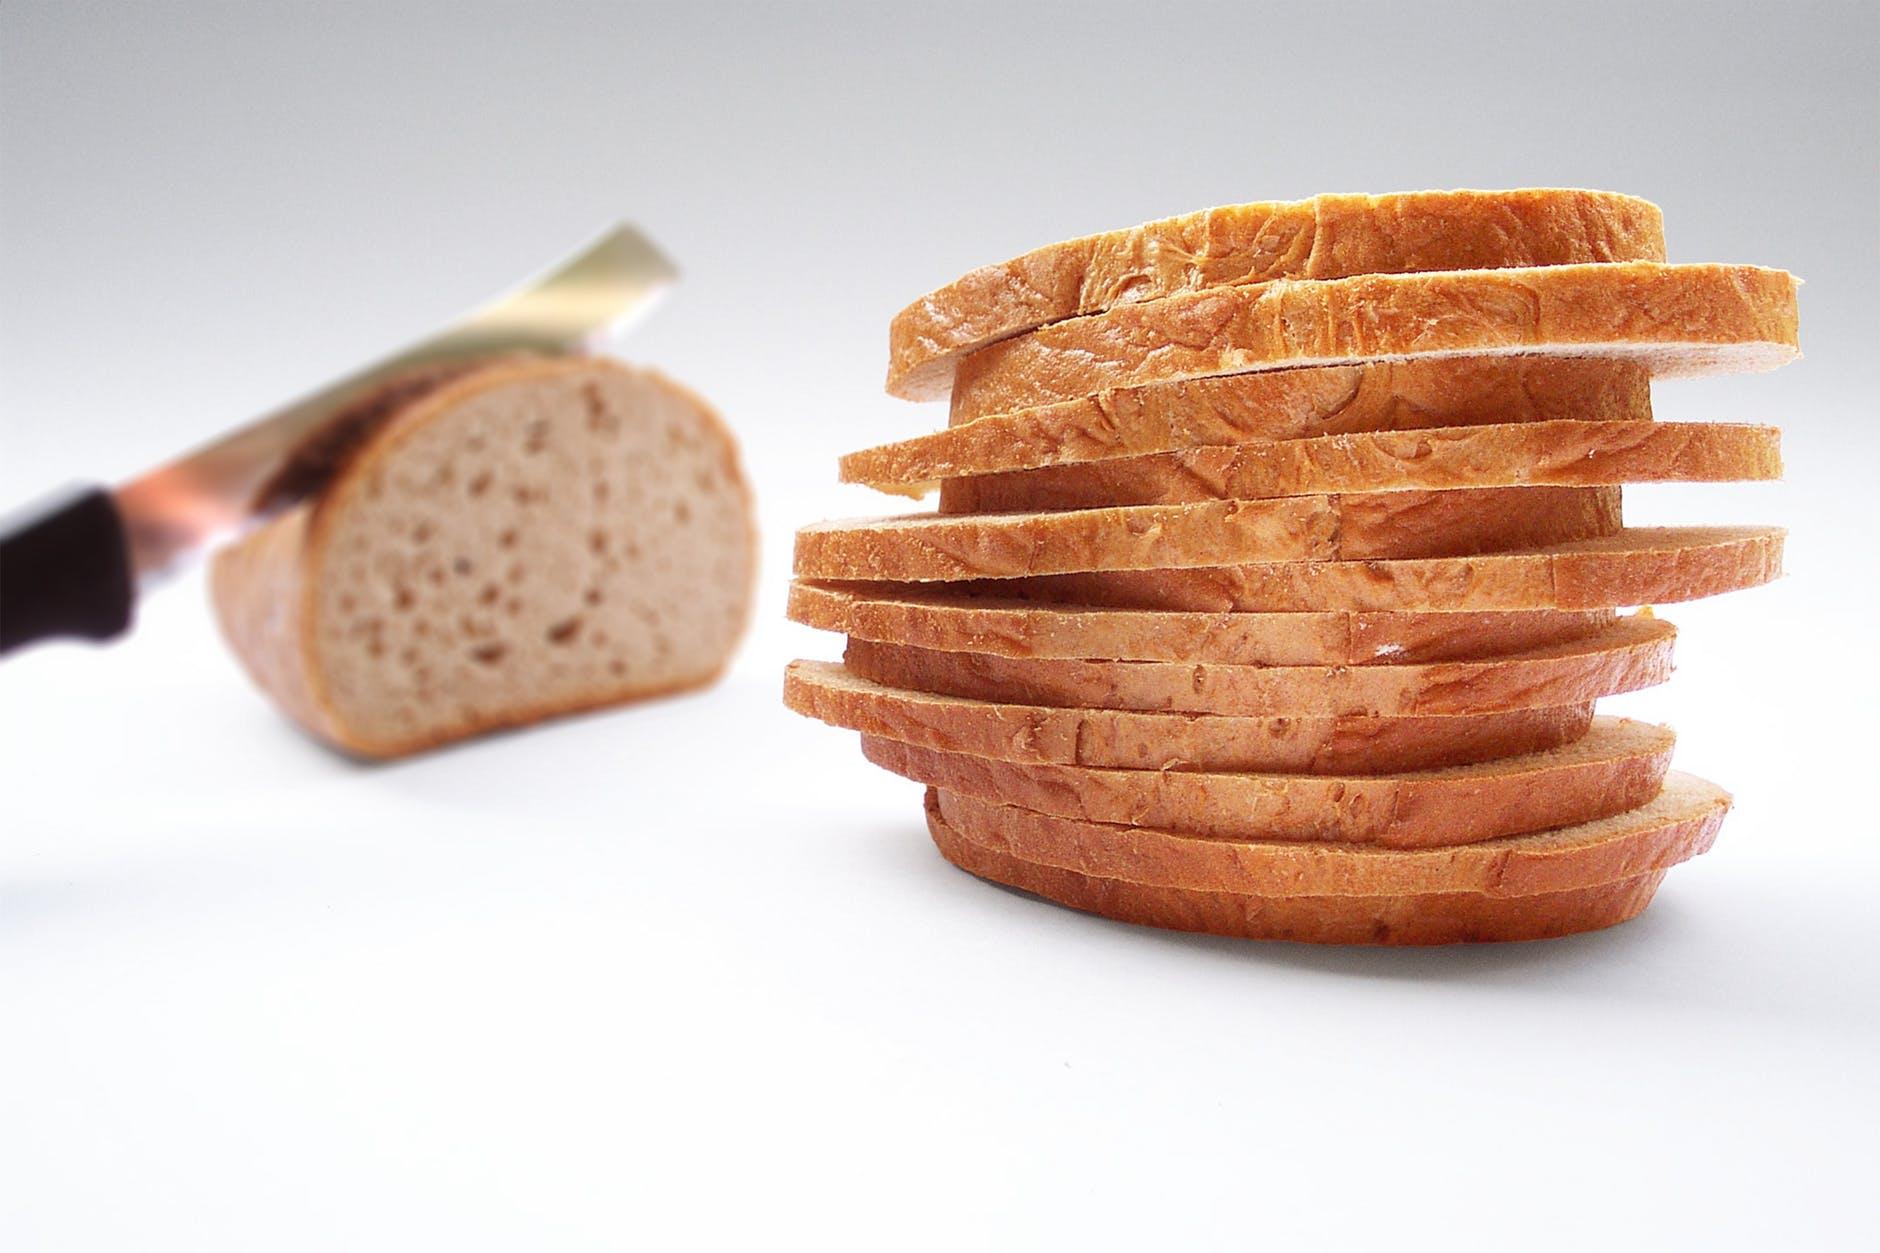 bread knife cut slice of bread